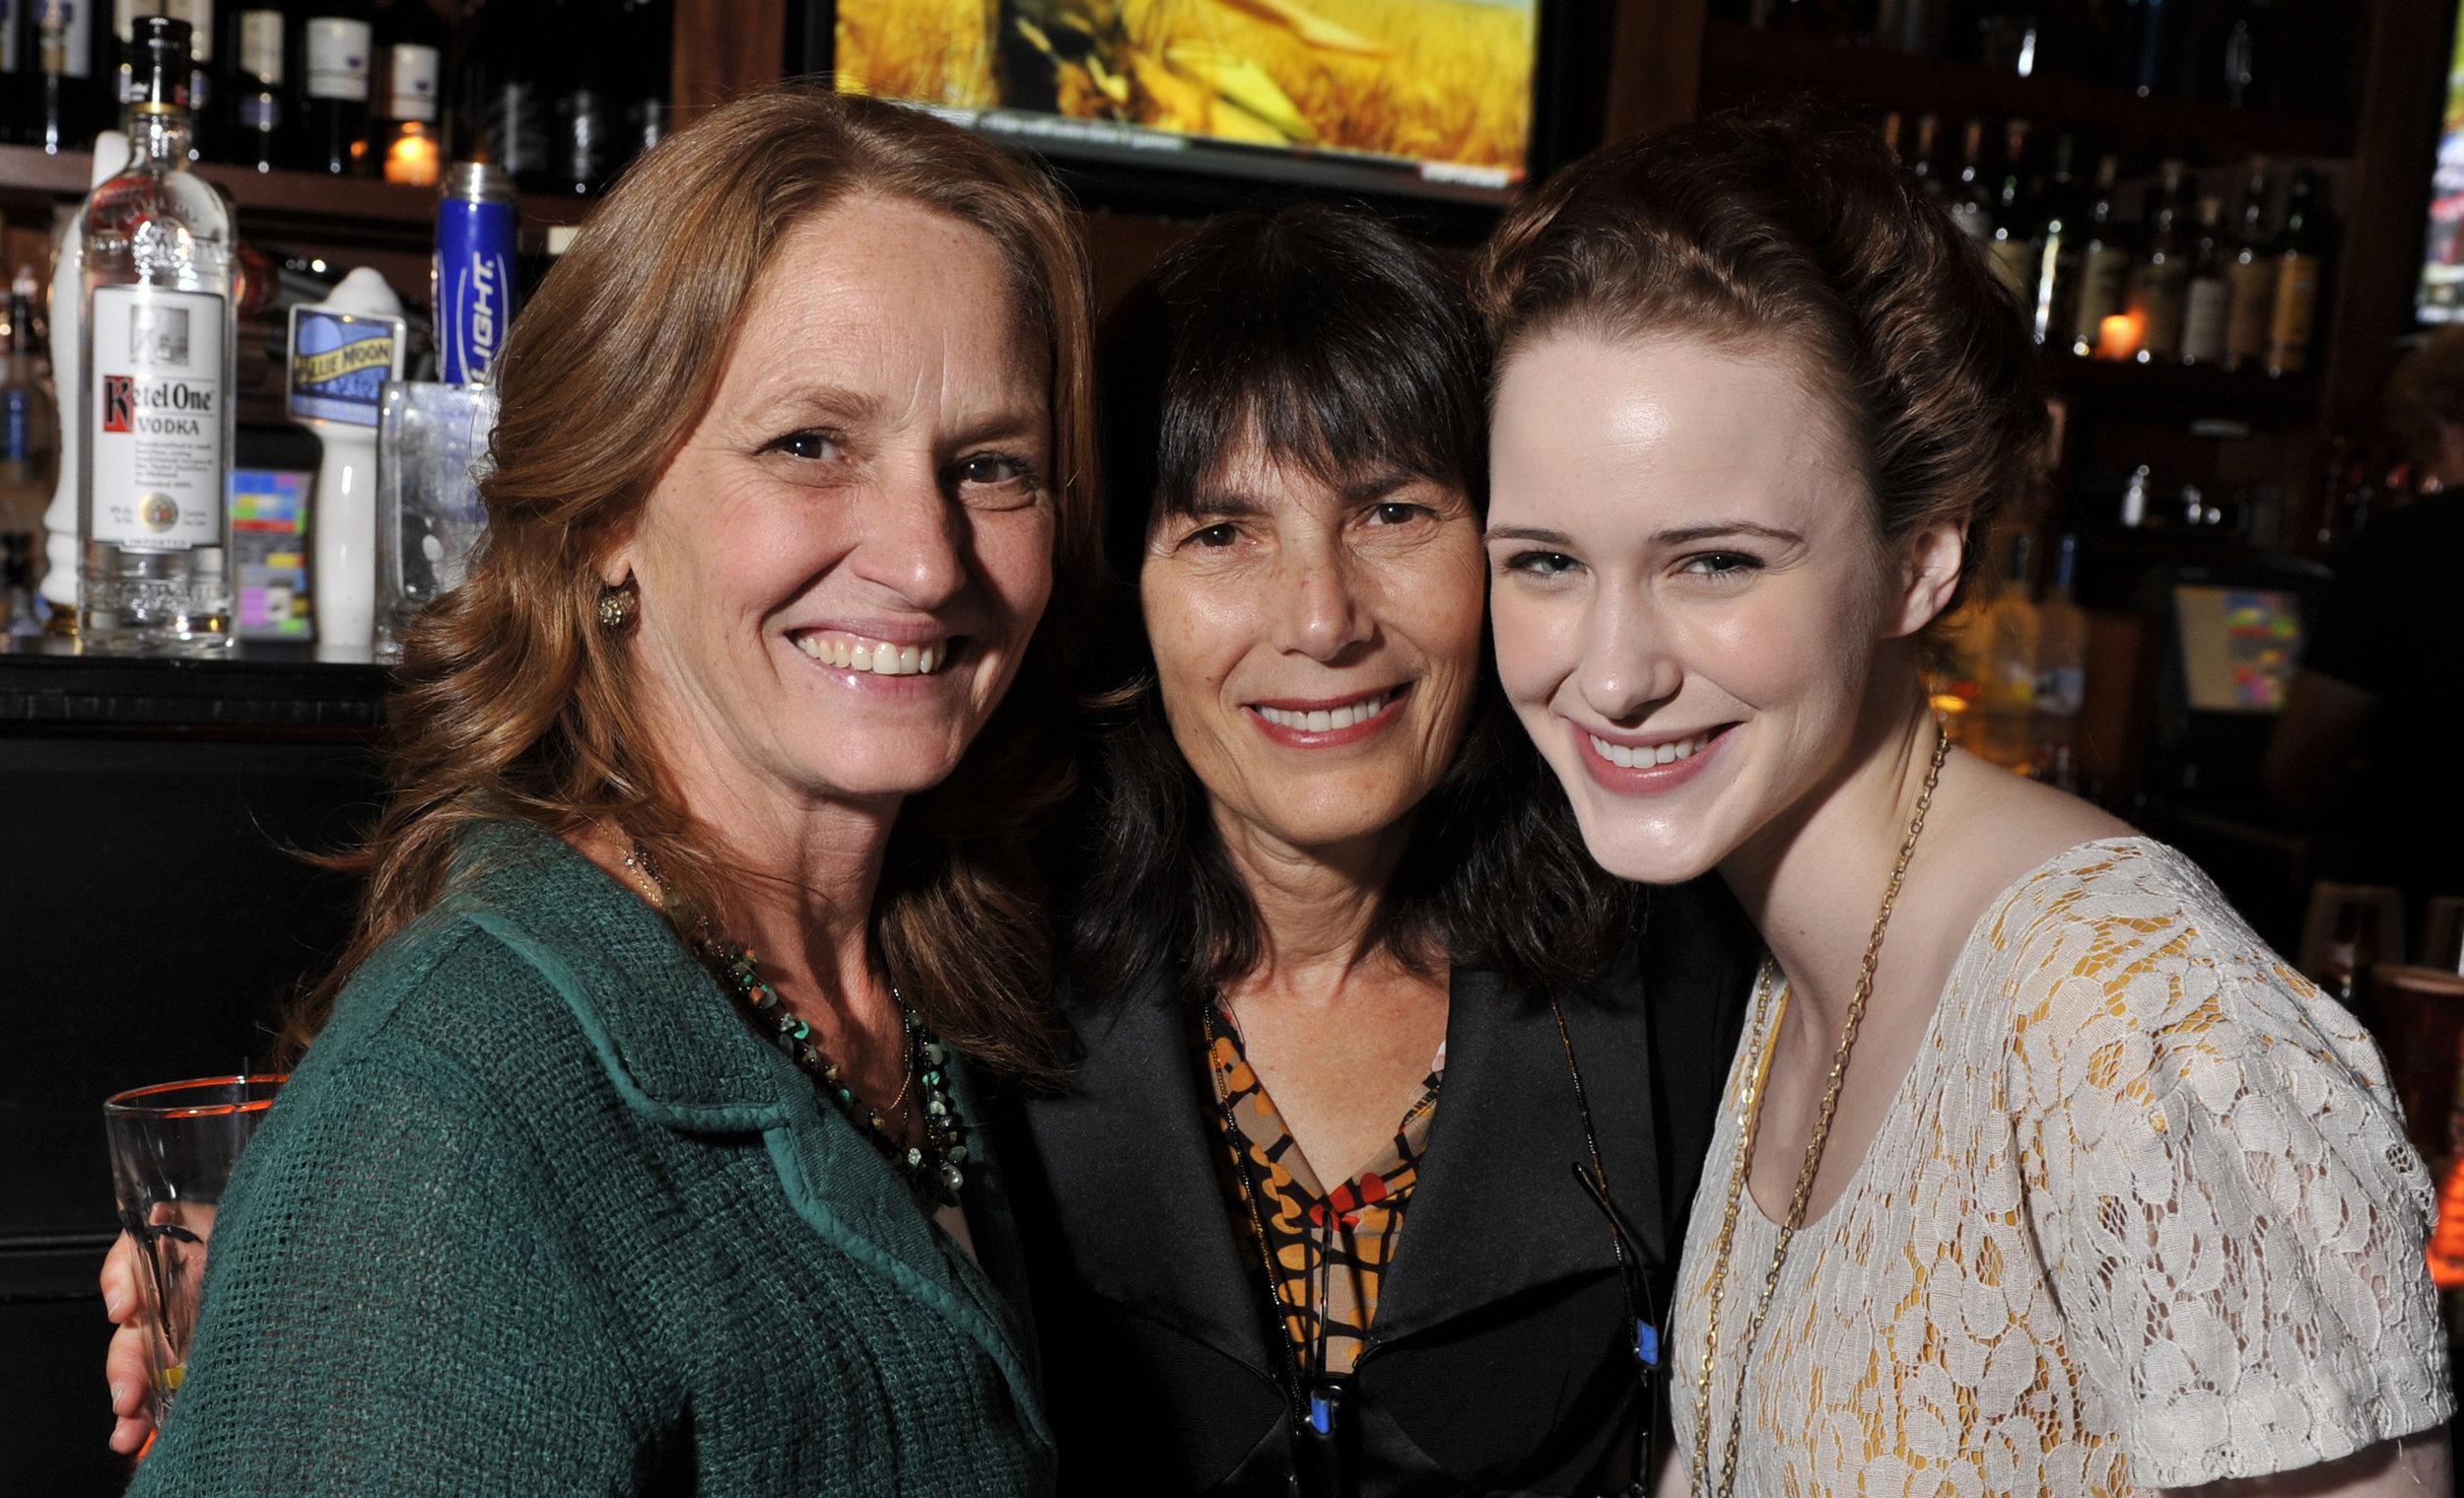 Melissa Leo, Meira Blaustein and Rachel Brosnahan at 2011 Woodstock Film Festival